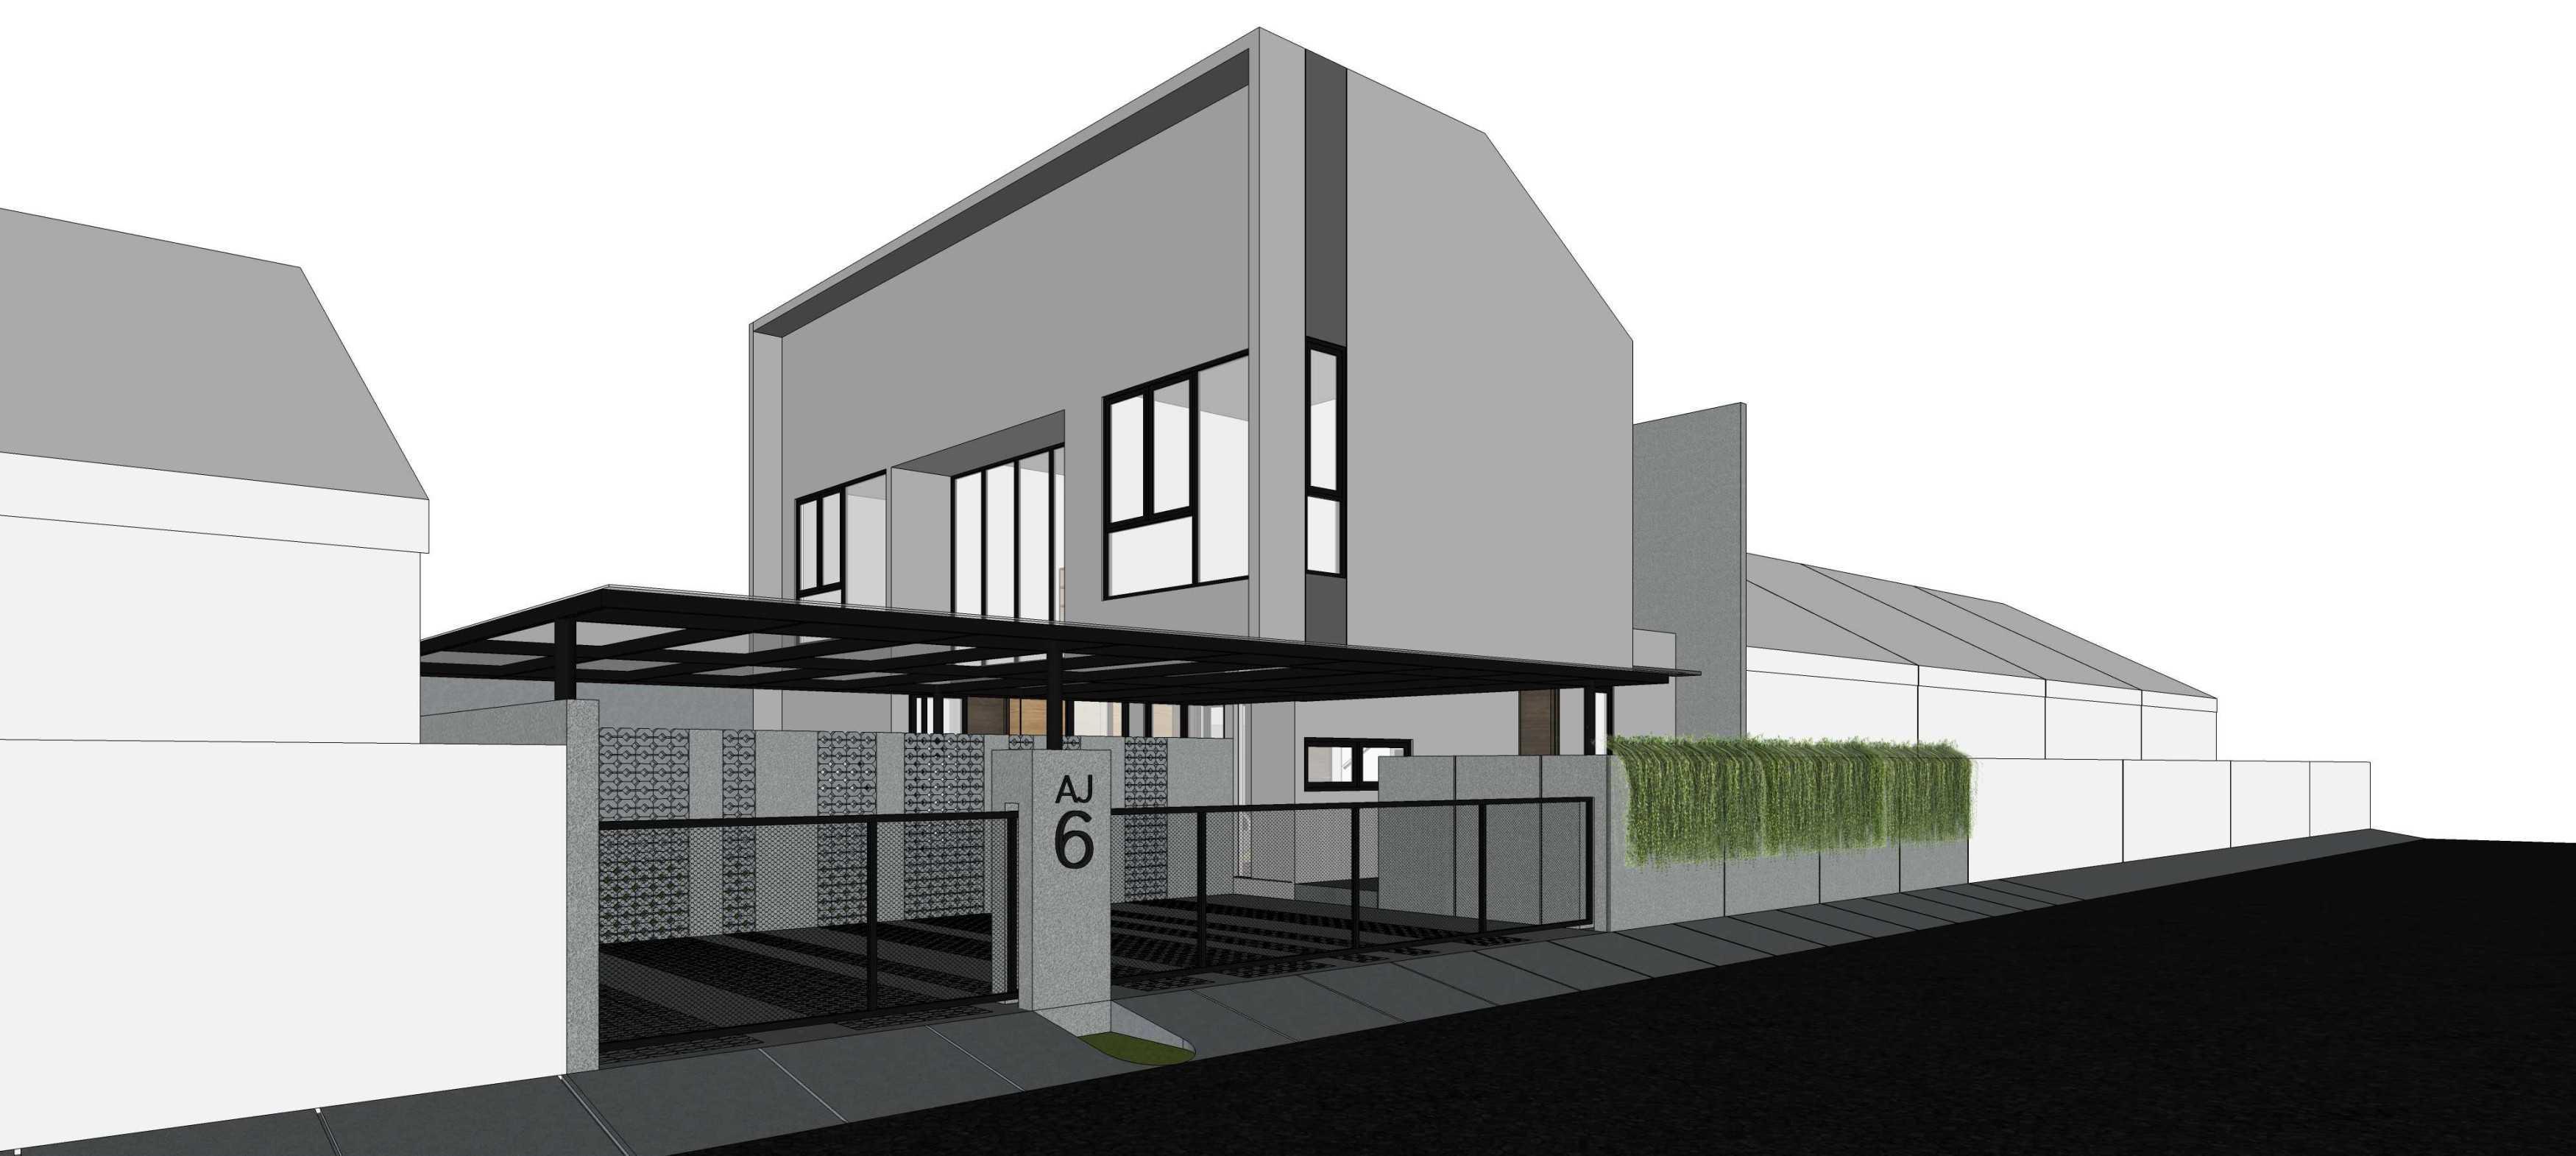 Mahastudio & Partner Renovasi Rumah Beiji Depok City, West Java, Indonesia Depok City, West Java, Indonesia Taman Samping Tropis  33343